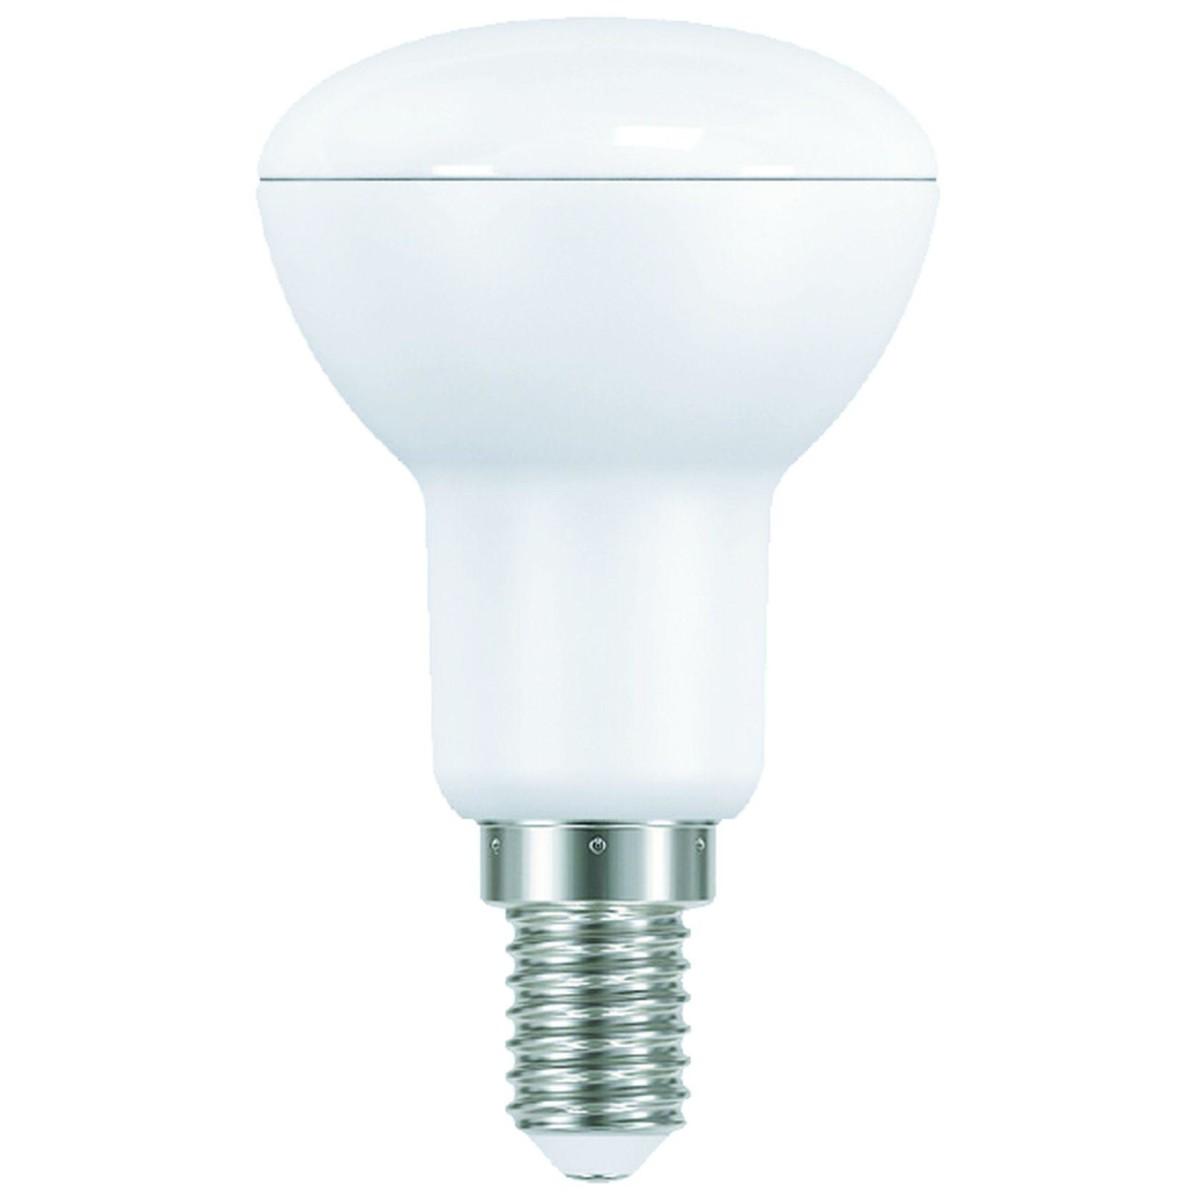 Лампа Ecola light светодионая E14 5 Вт рефлекторная 350 Лм нейтральный свет